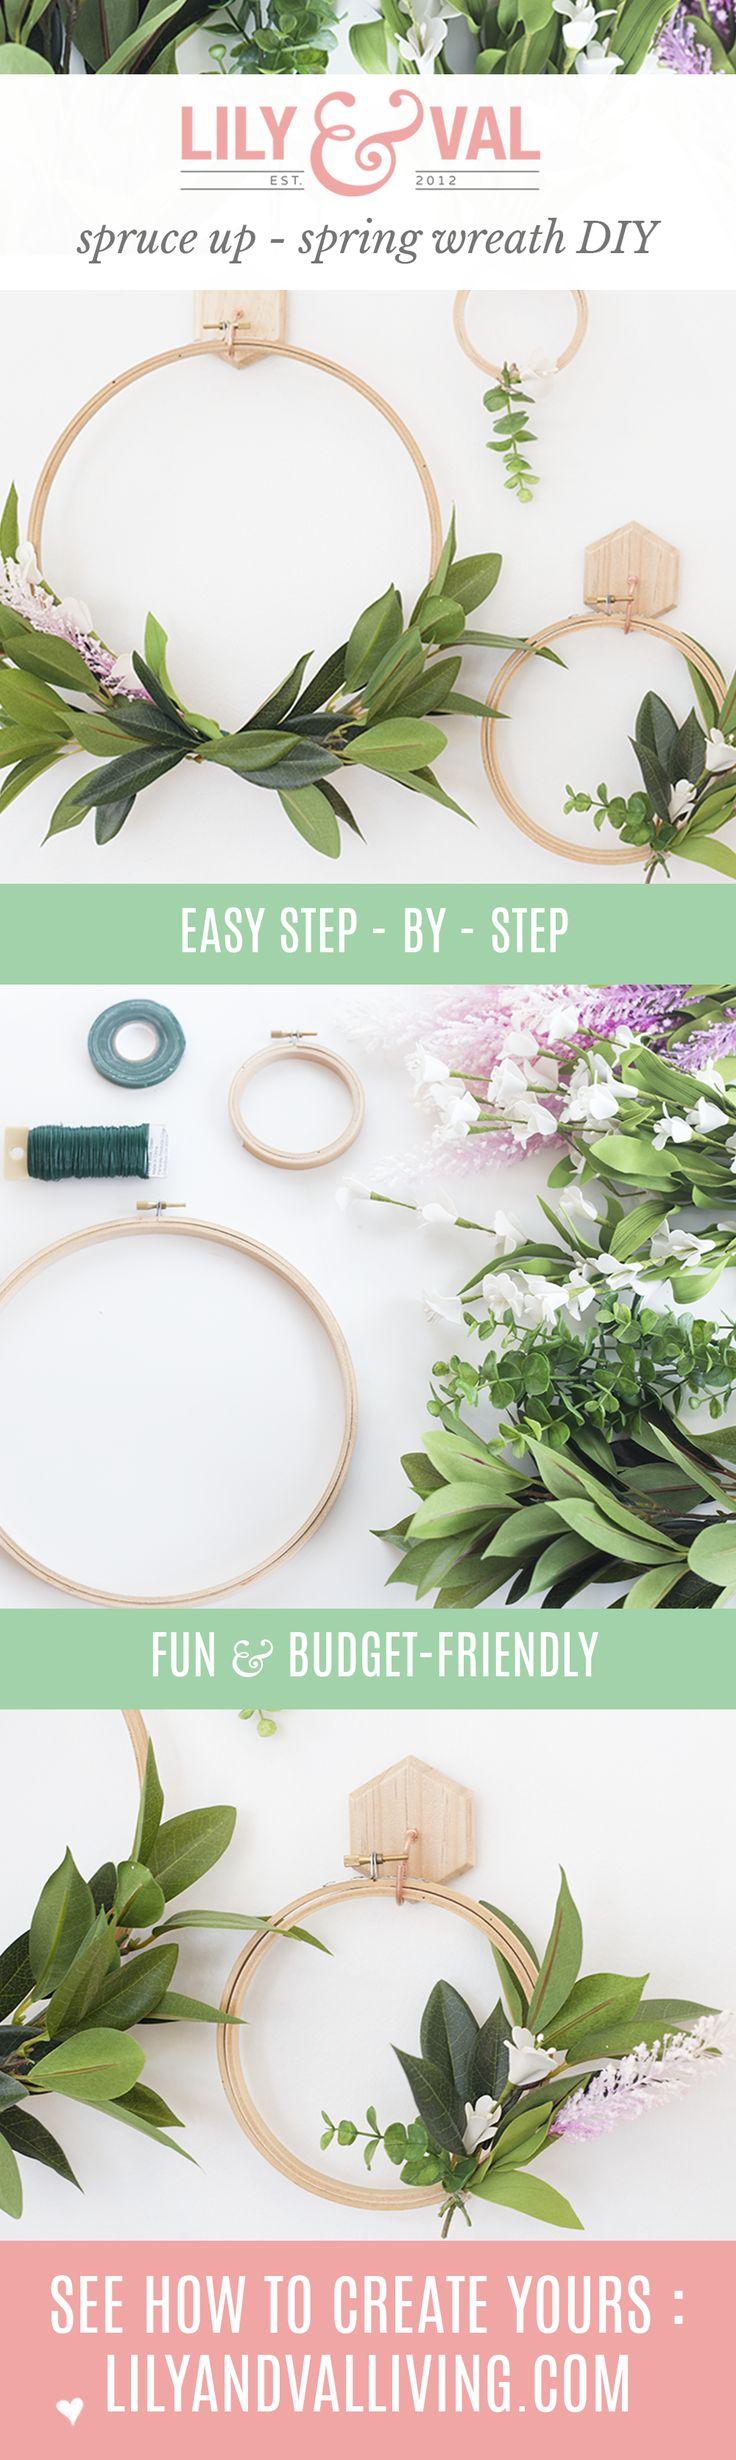 DIY Spring Faux Wreath | modern spring decor  | budget-friendly decor